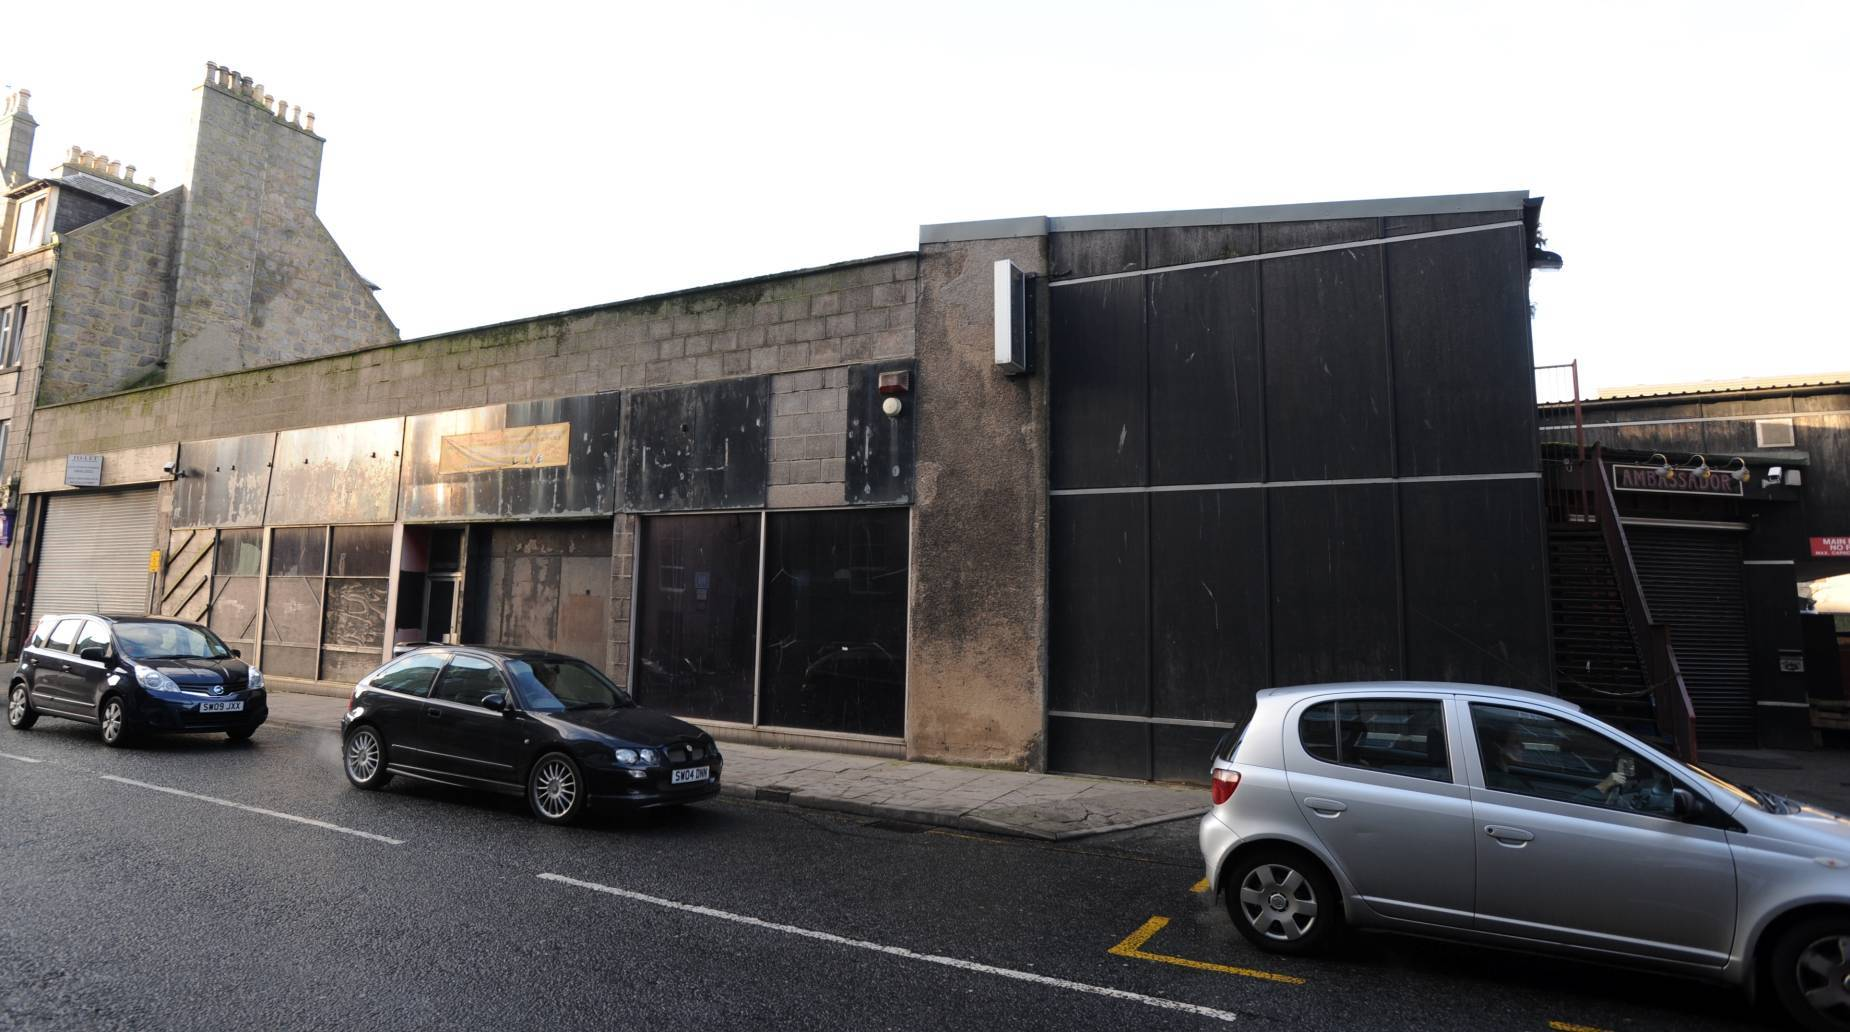 Ambassador Snooker Club on John street, Aberdeen.